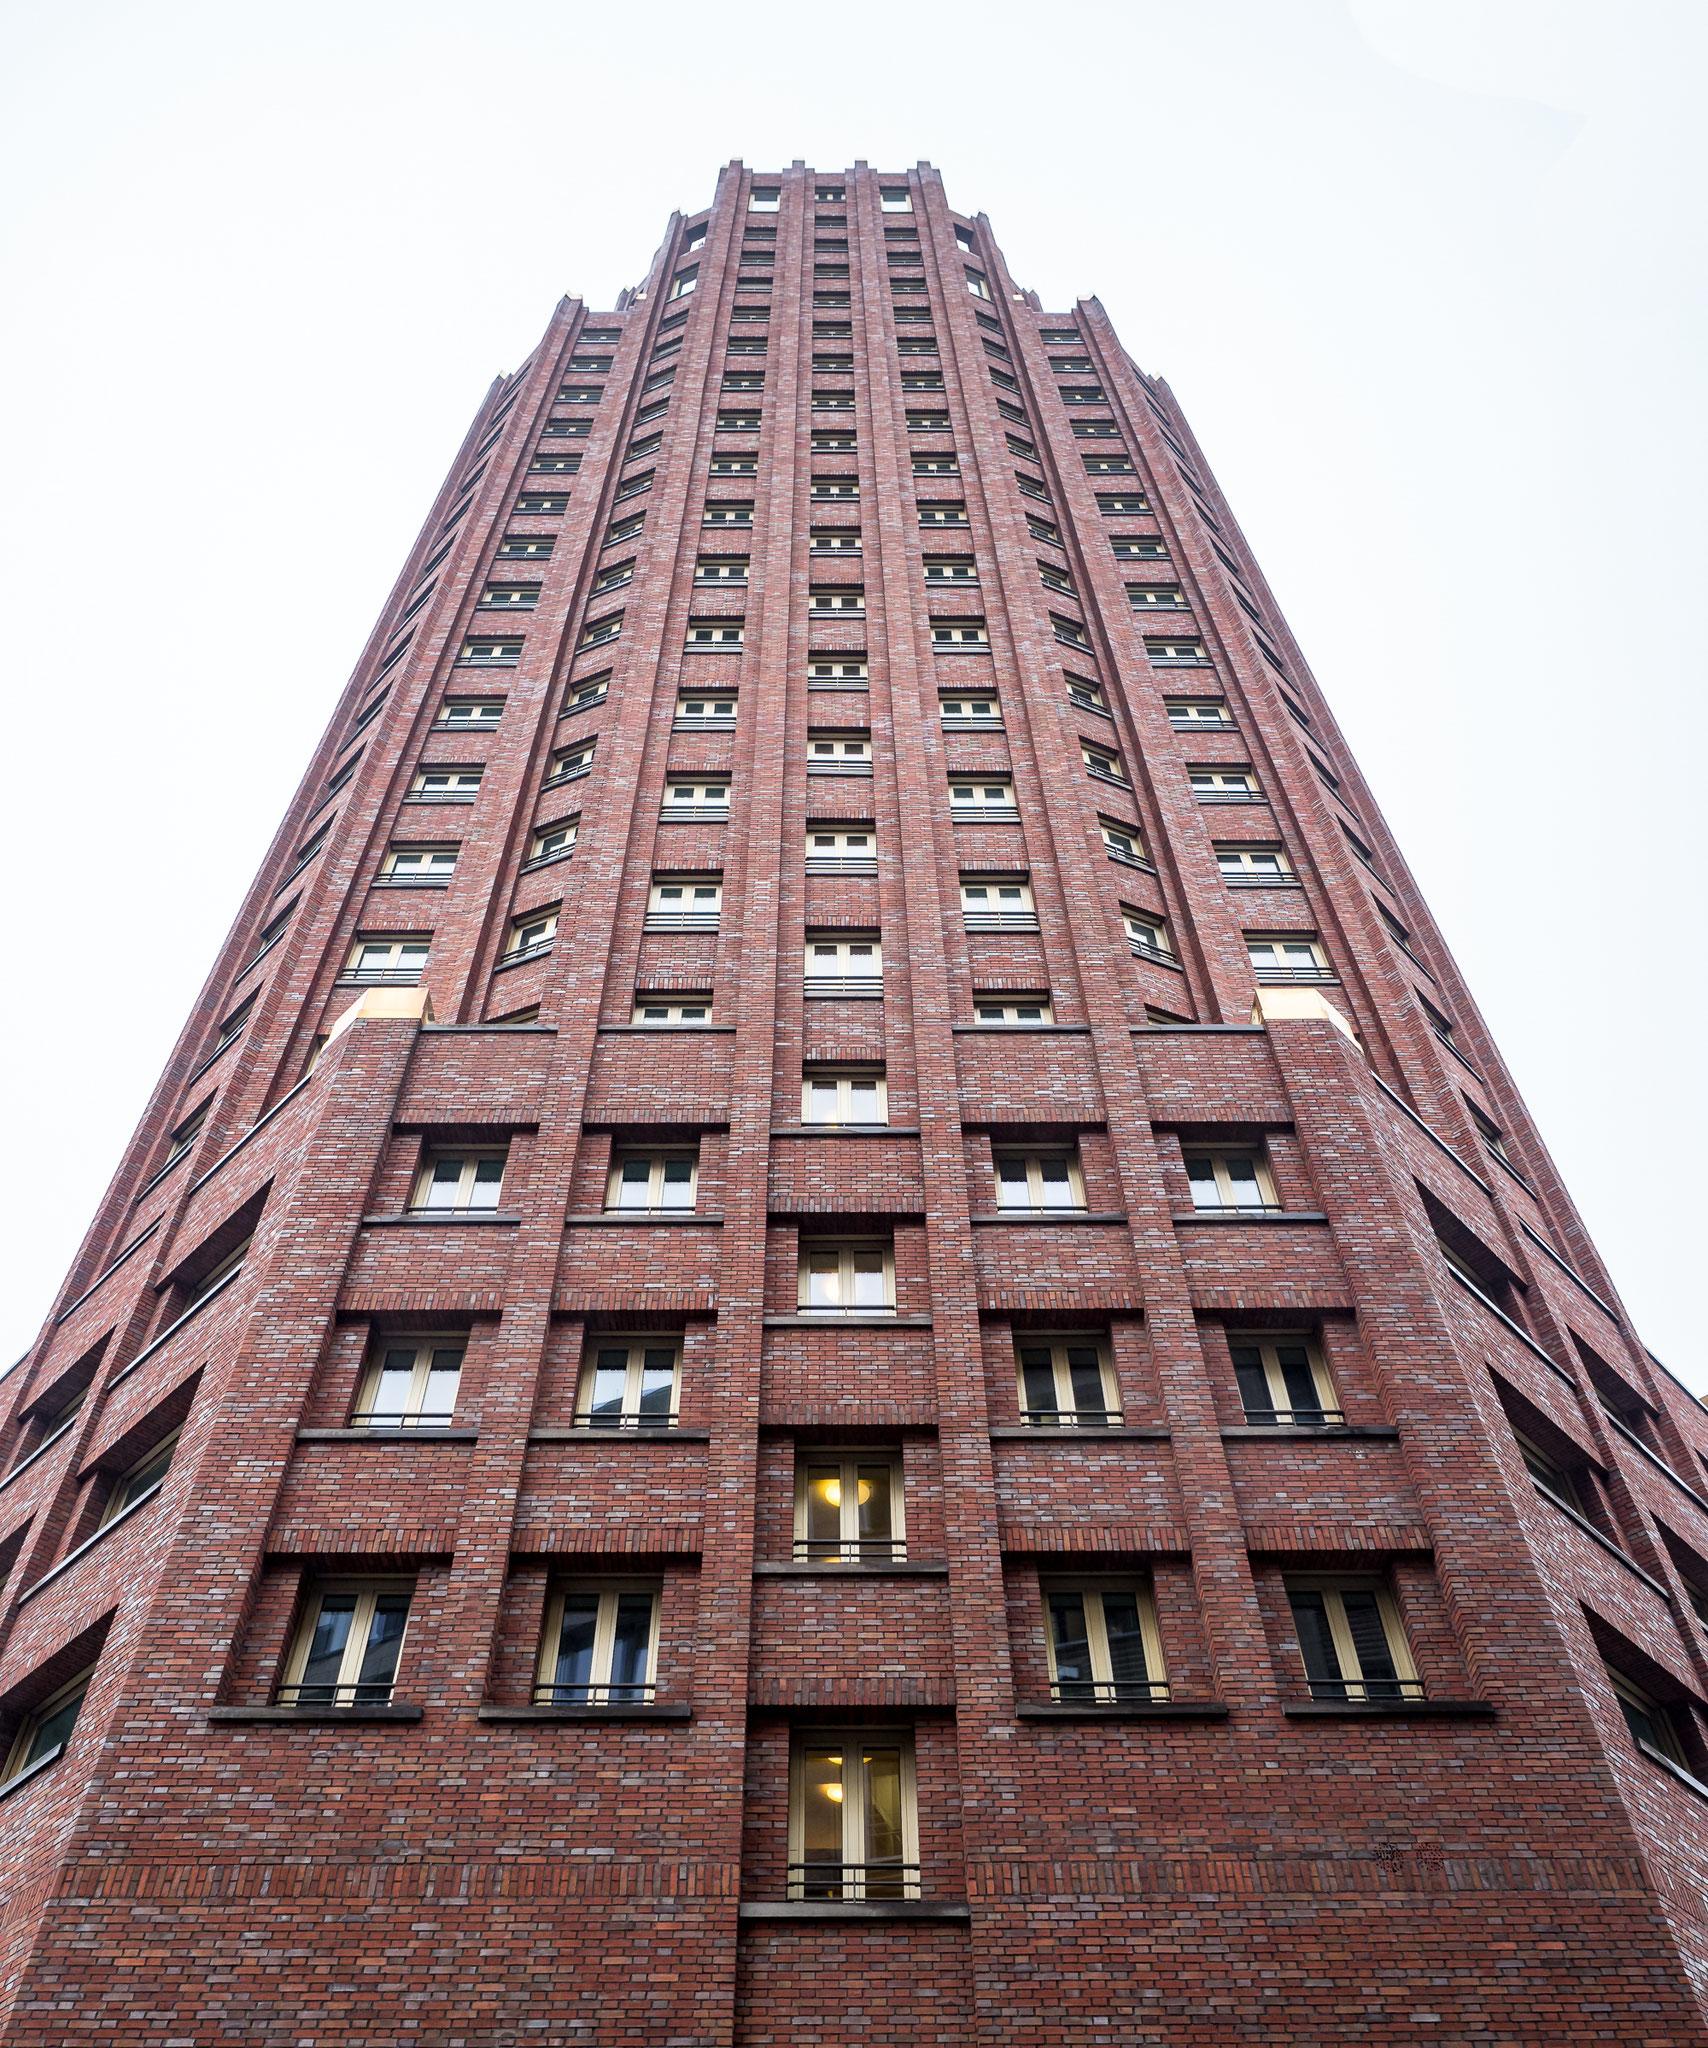 Babblfisch: Hotel erectus